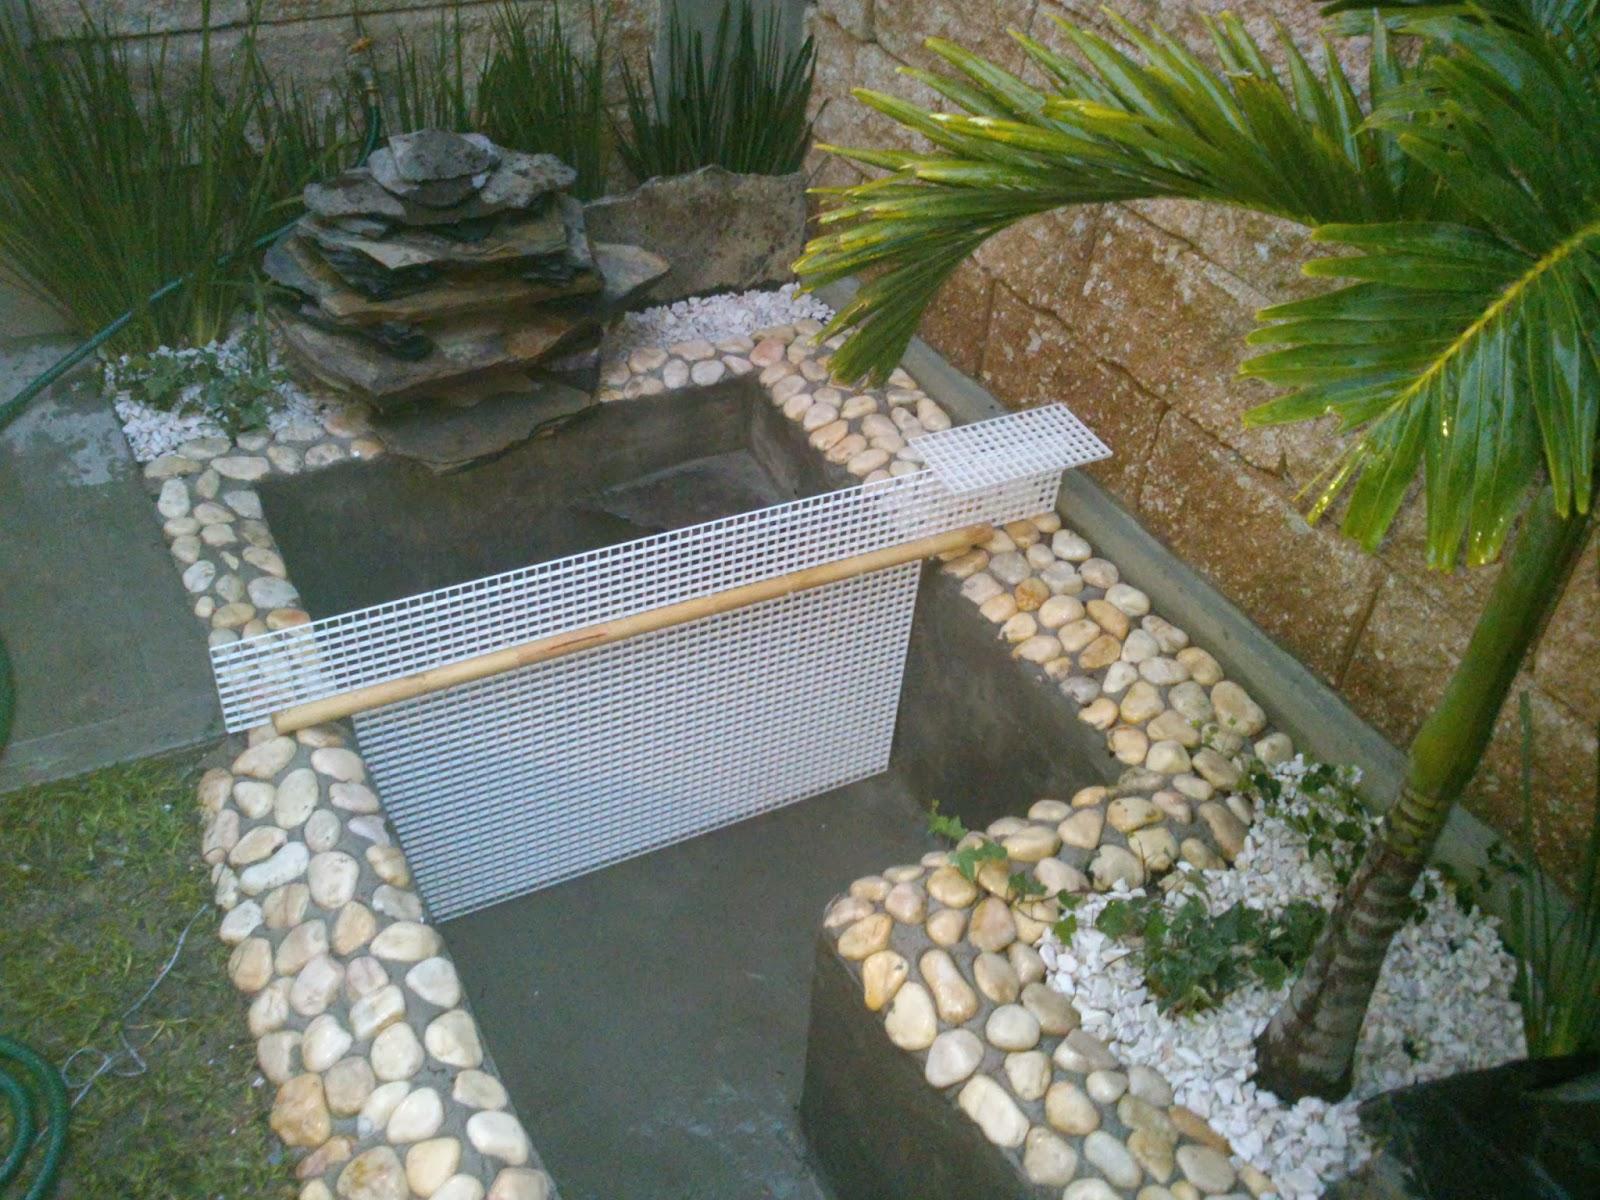 El estanque de mis tortugas tortugas territoriales - Estanque para tortugas ...